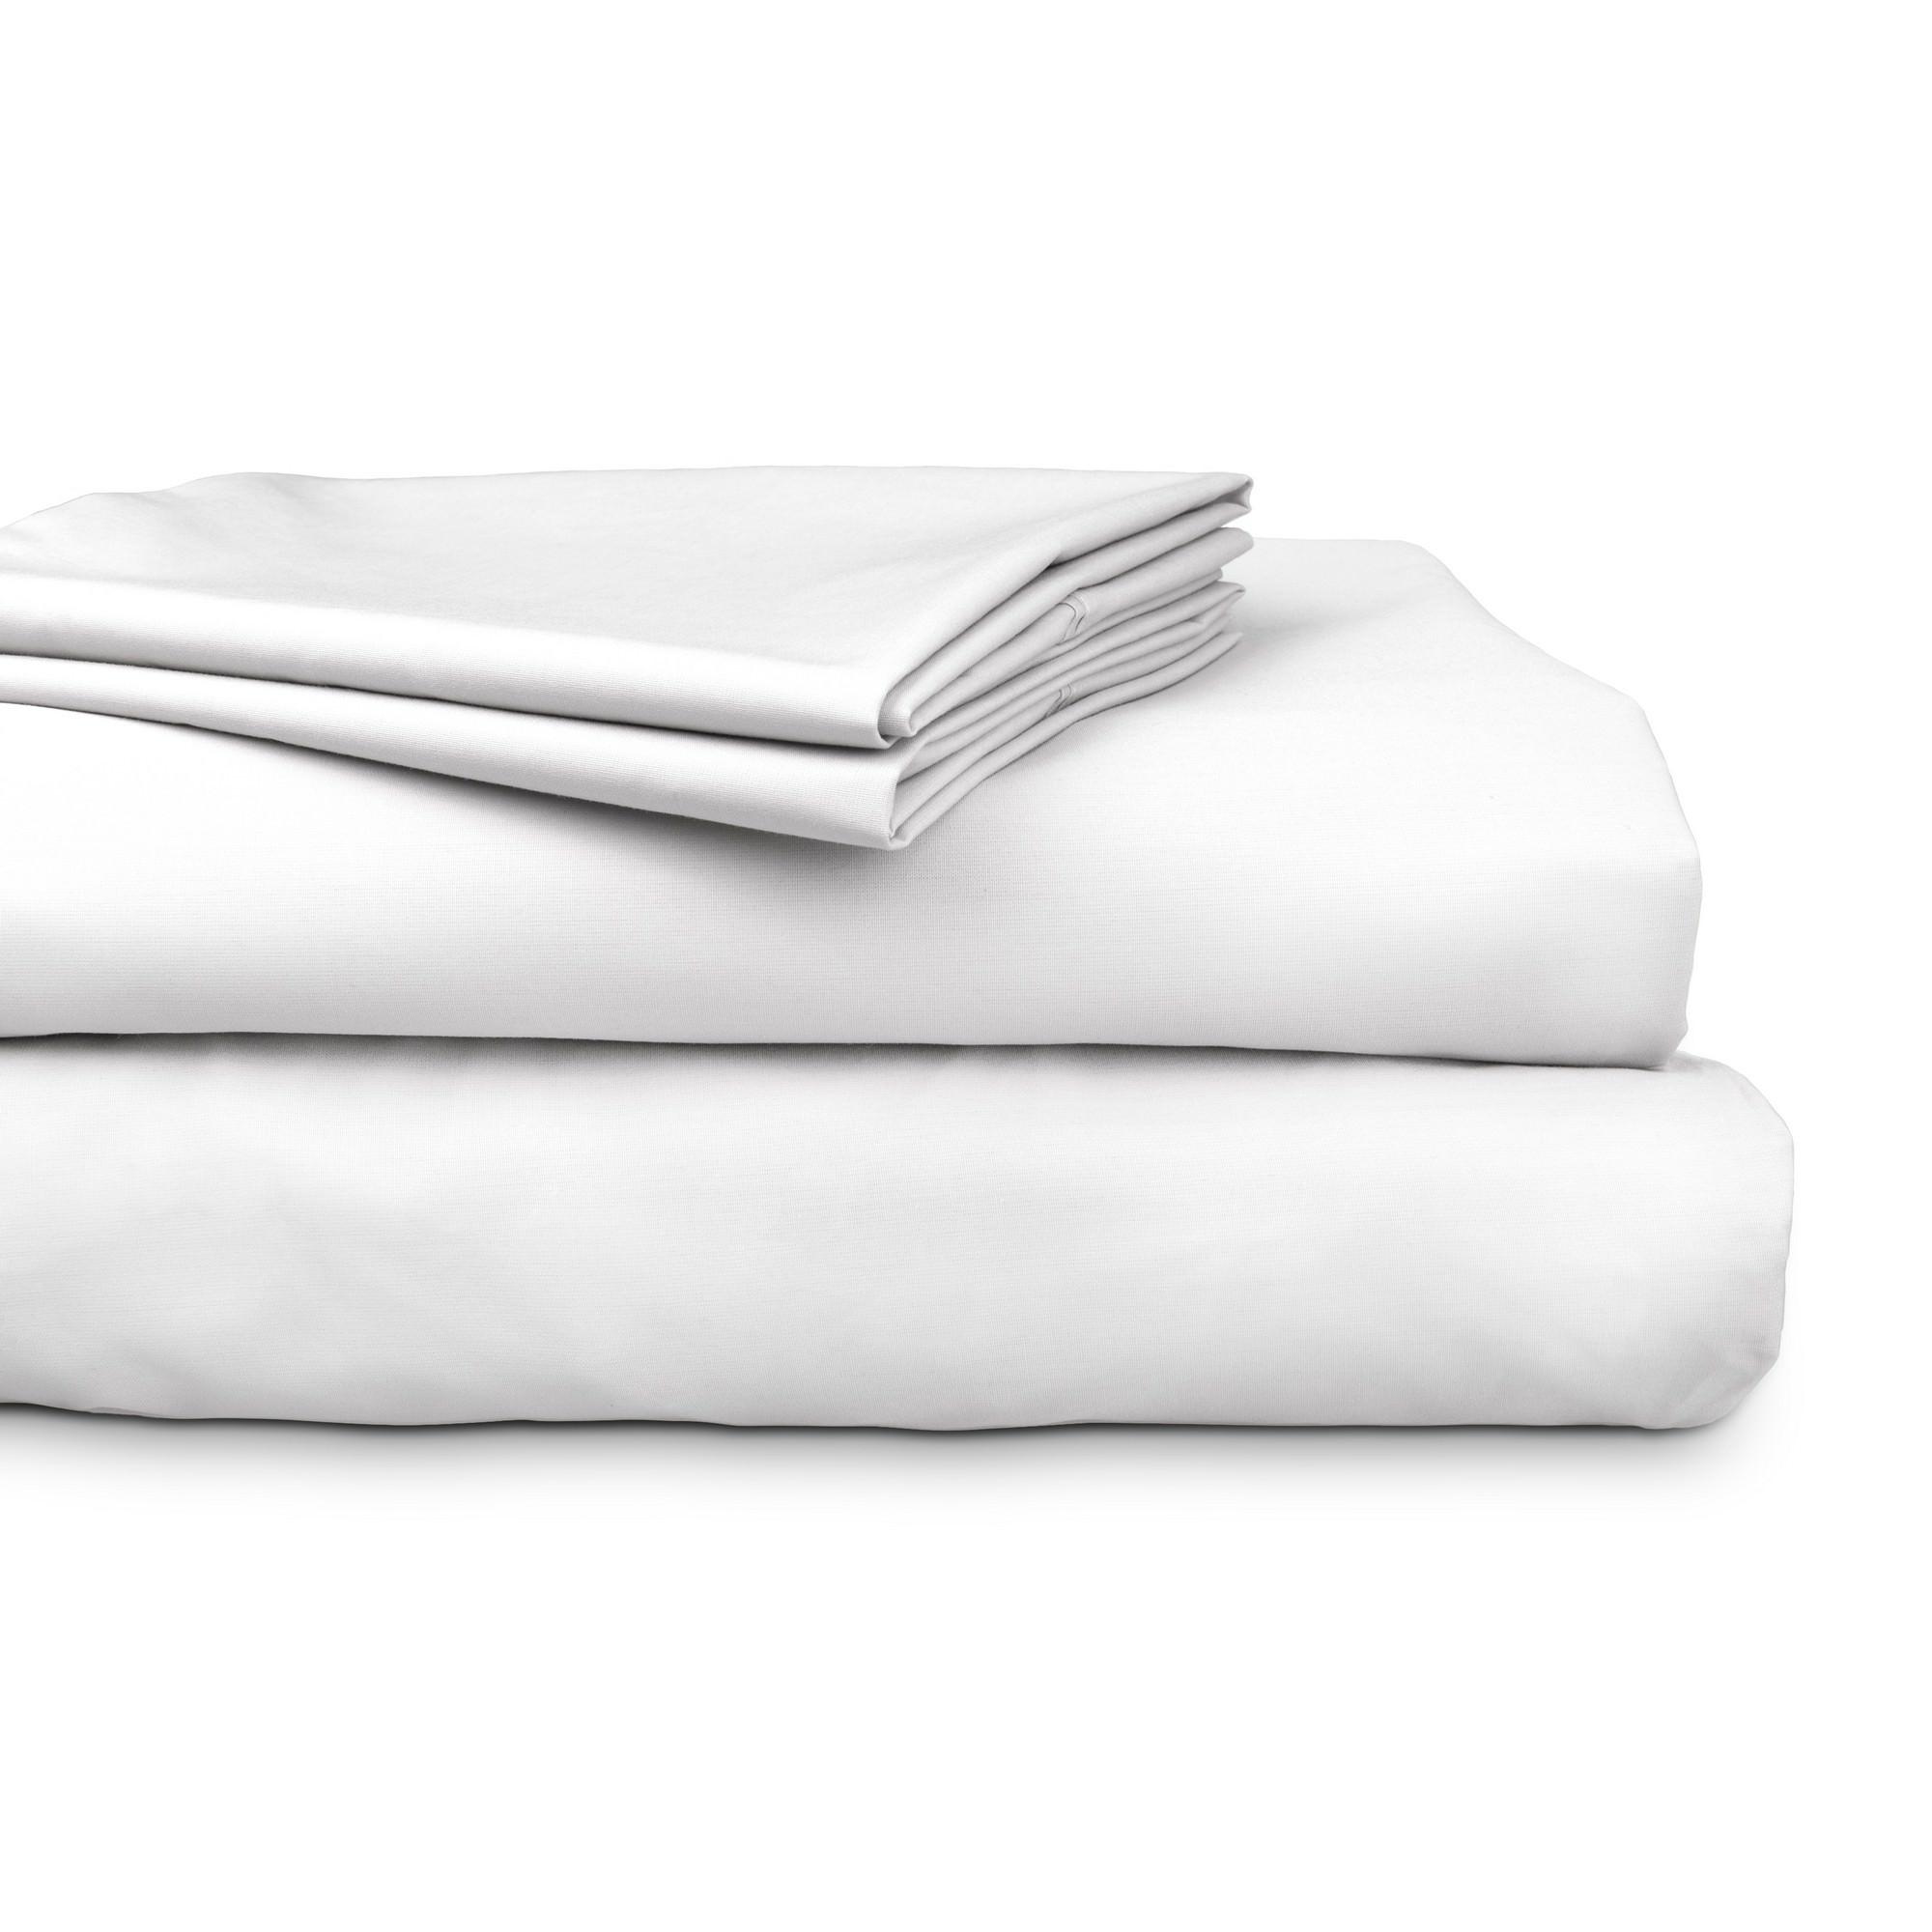 Ajee 4 Piece 300TC Cotton Sheet Set, Double, White